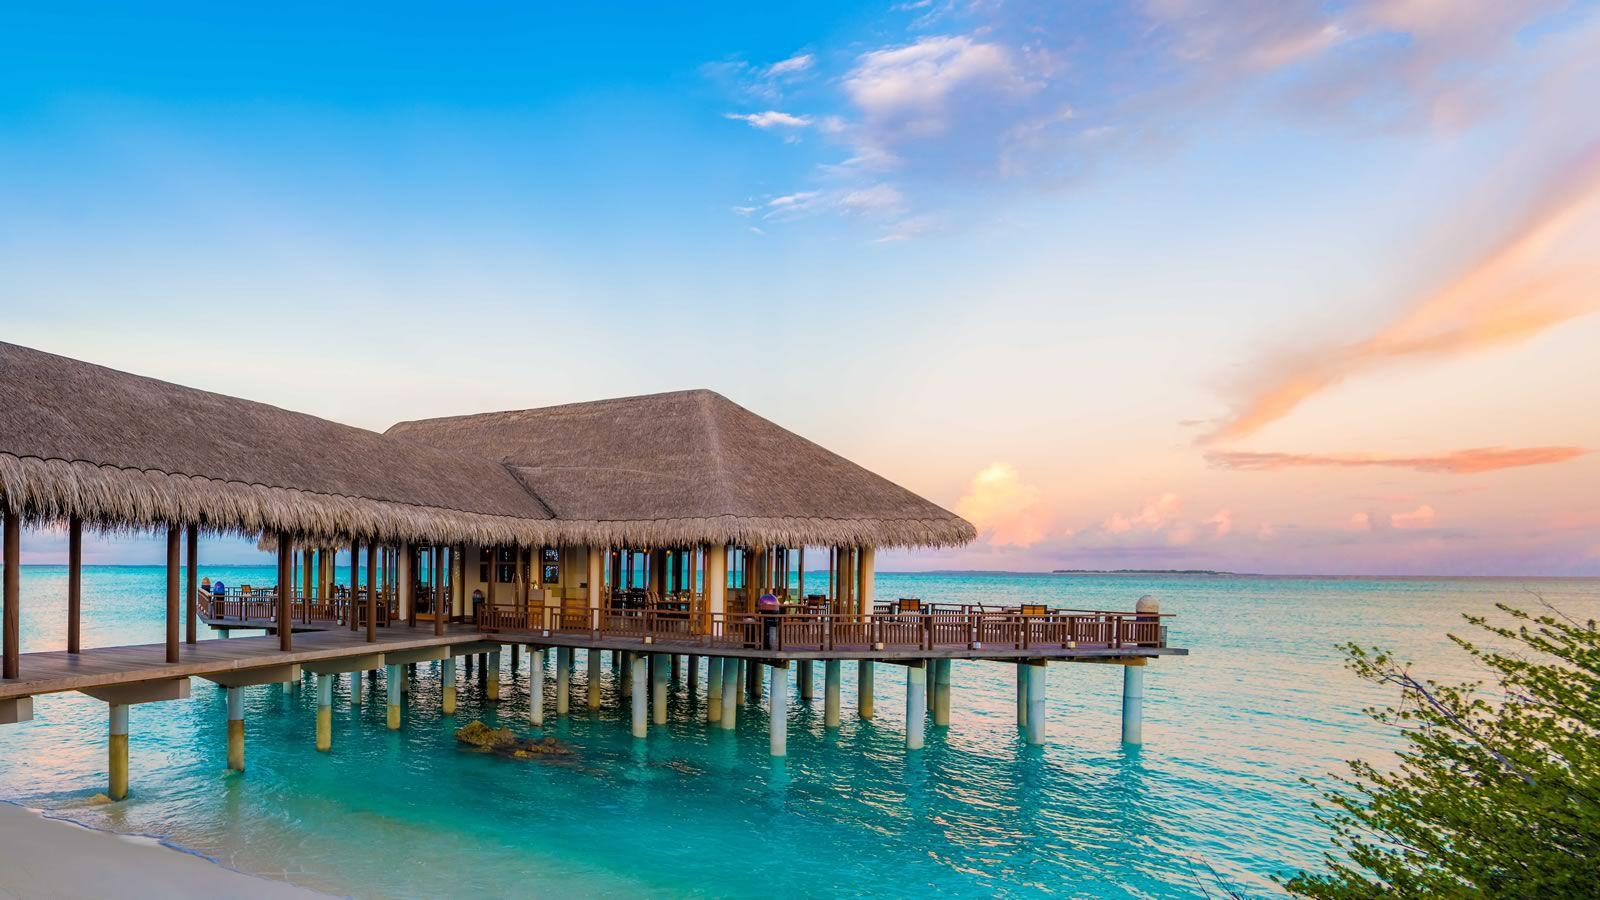 Maldives Restaurants - Best Restaurants in Maldives - Hideaway Beach Resort